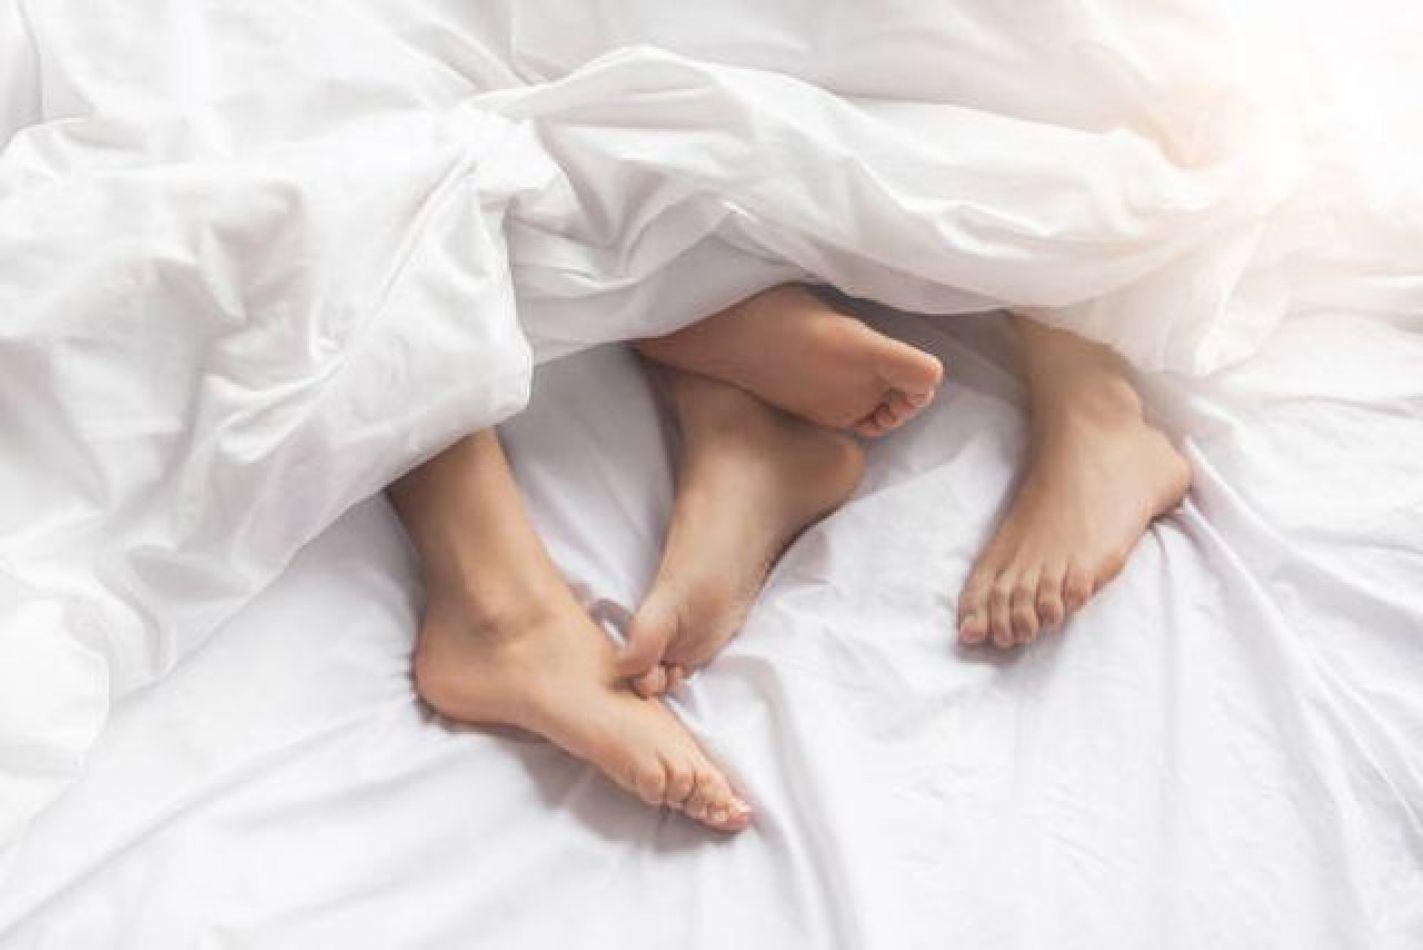 Disminución del deseo sexual: la ausencia de una actividad común puede causarlo